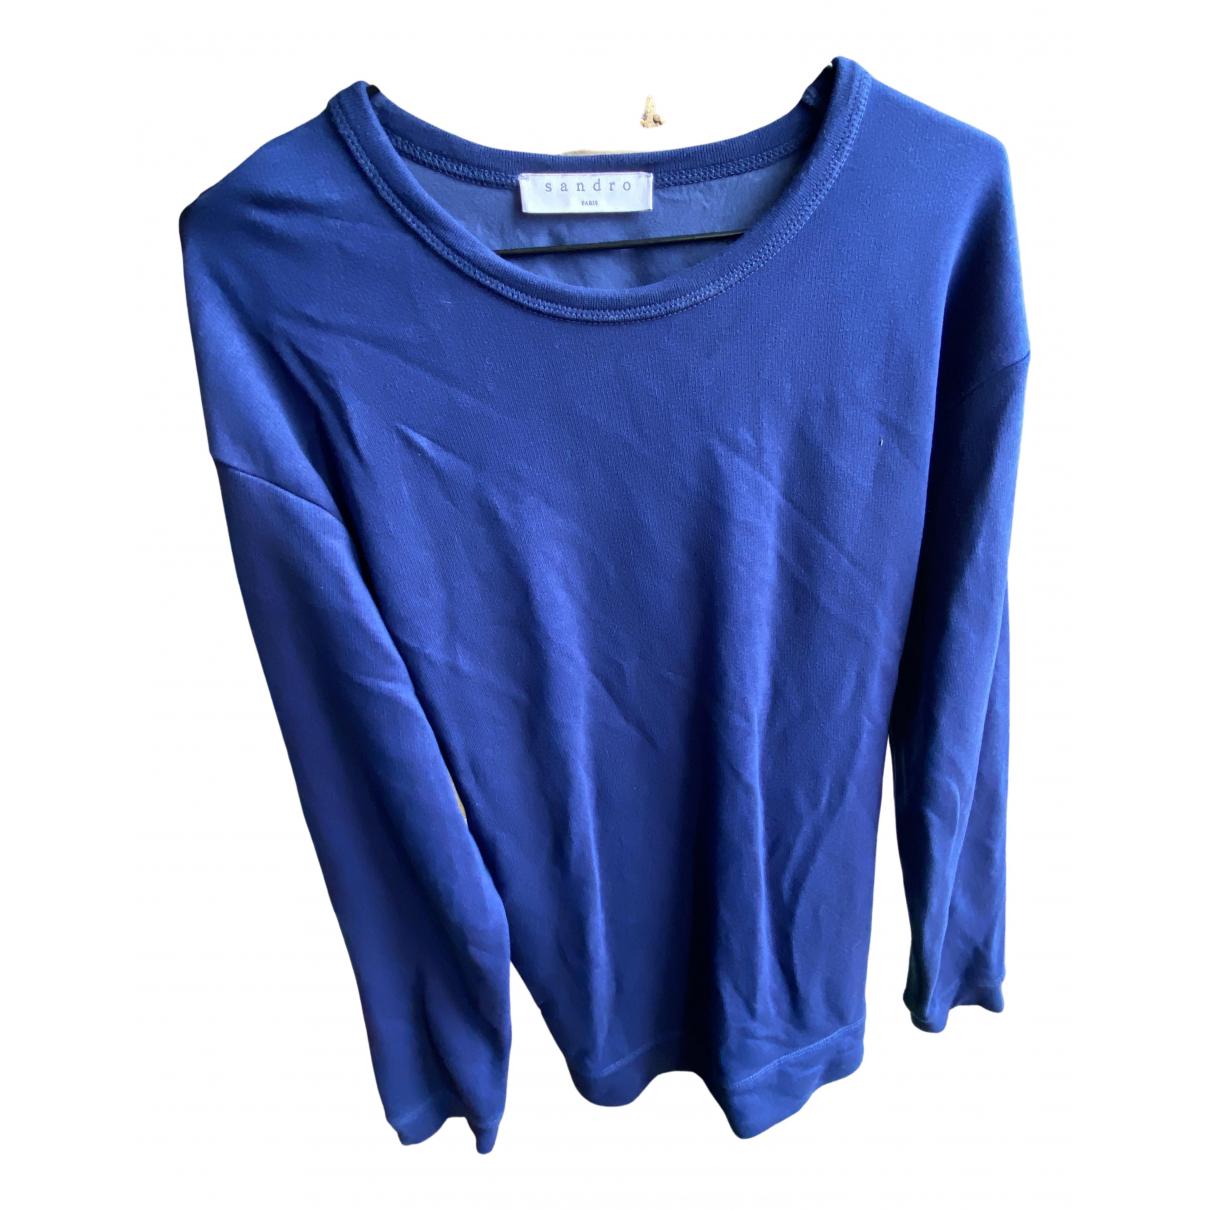 Sandro Fall Winter 2019 Blue Silk Knitwear for Women 38 FR